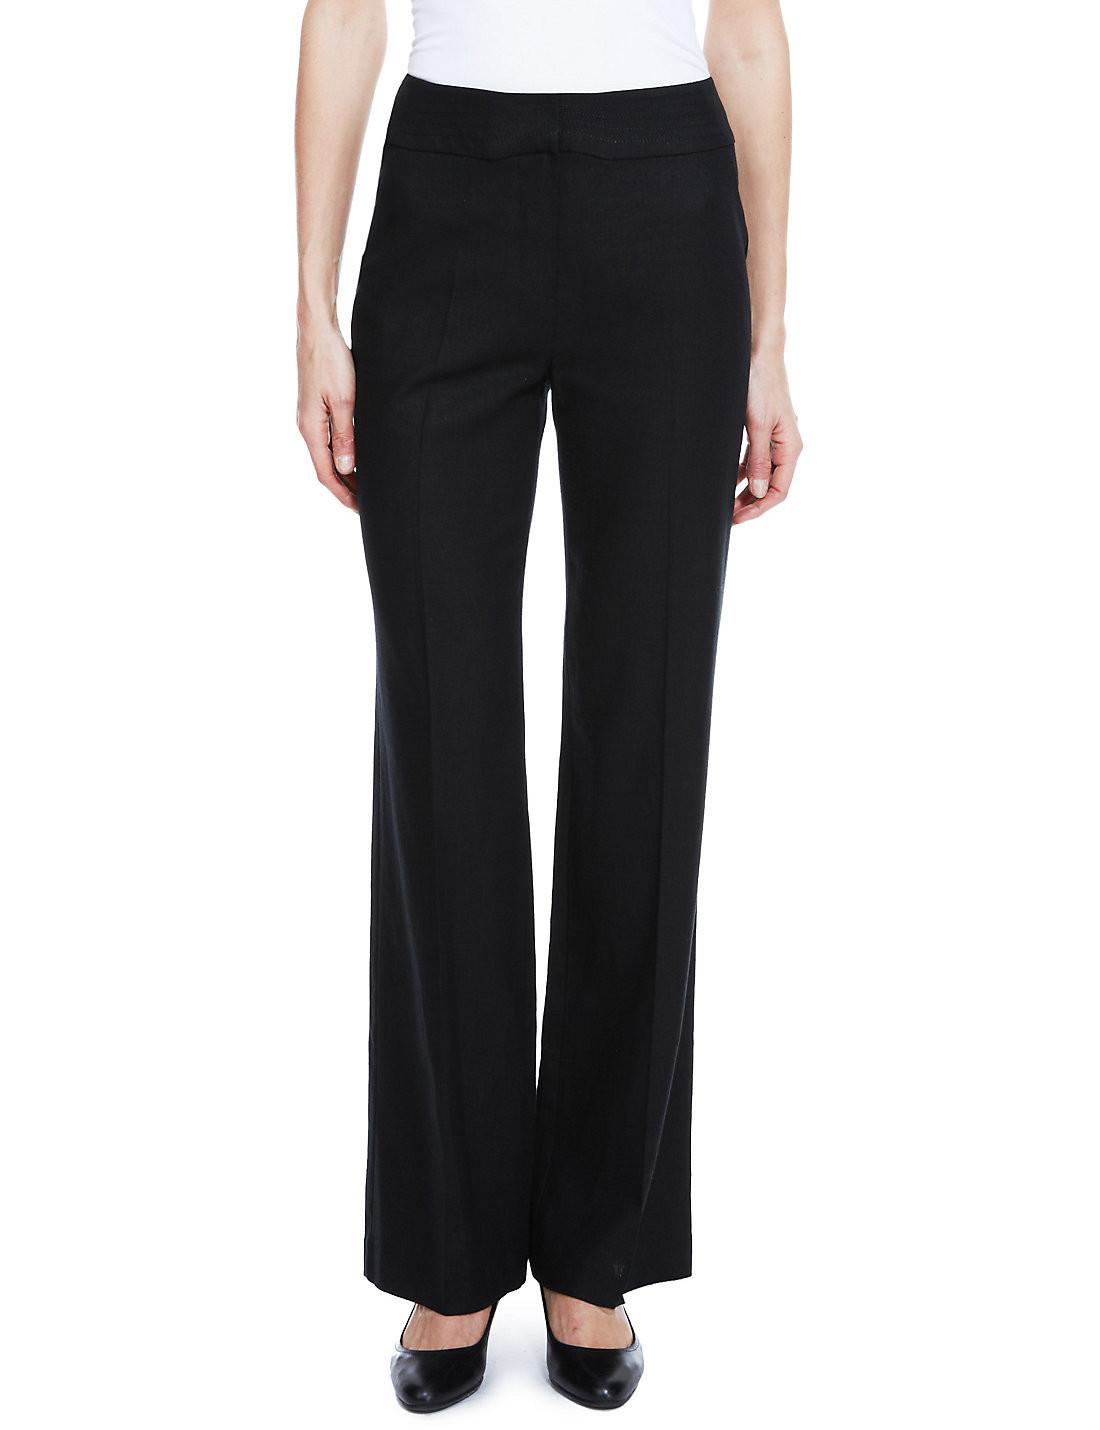 BLACK Linen Blend Wide Waistband M&S Trousers